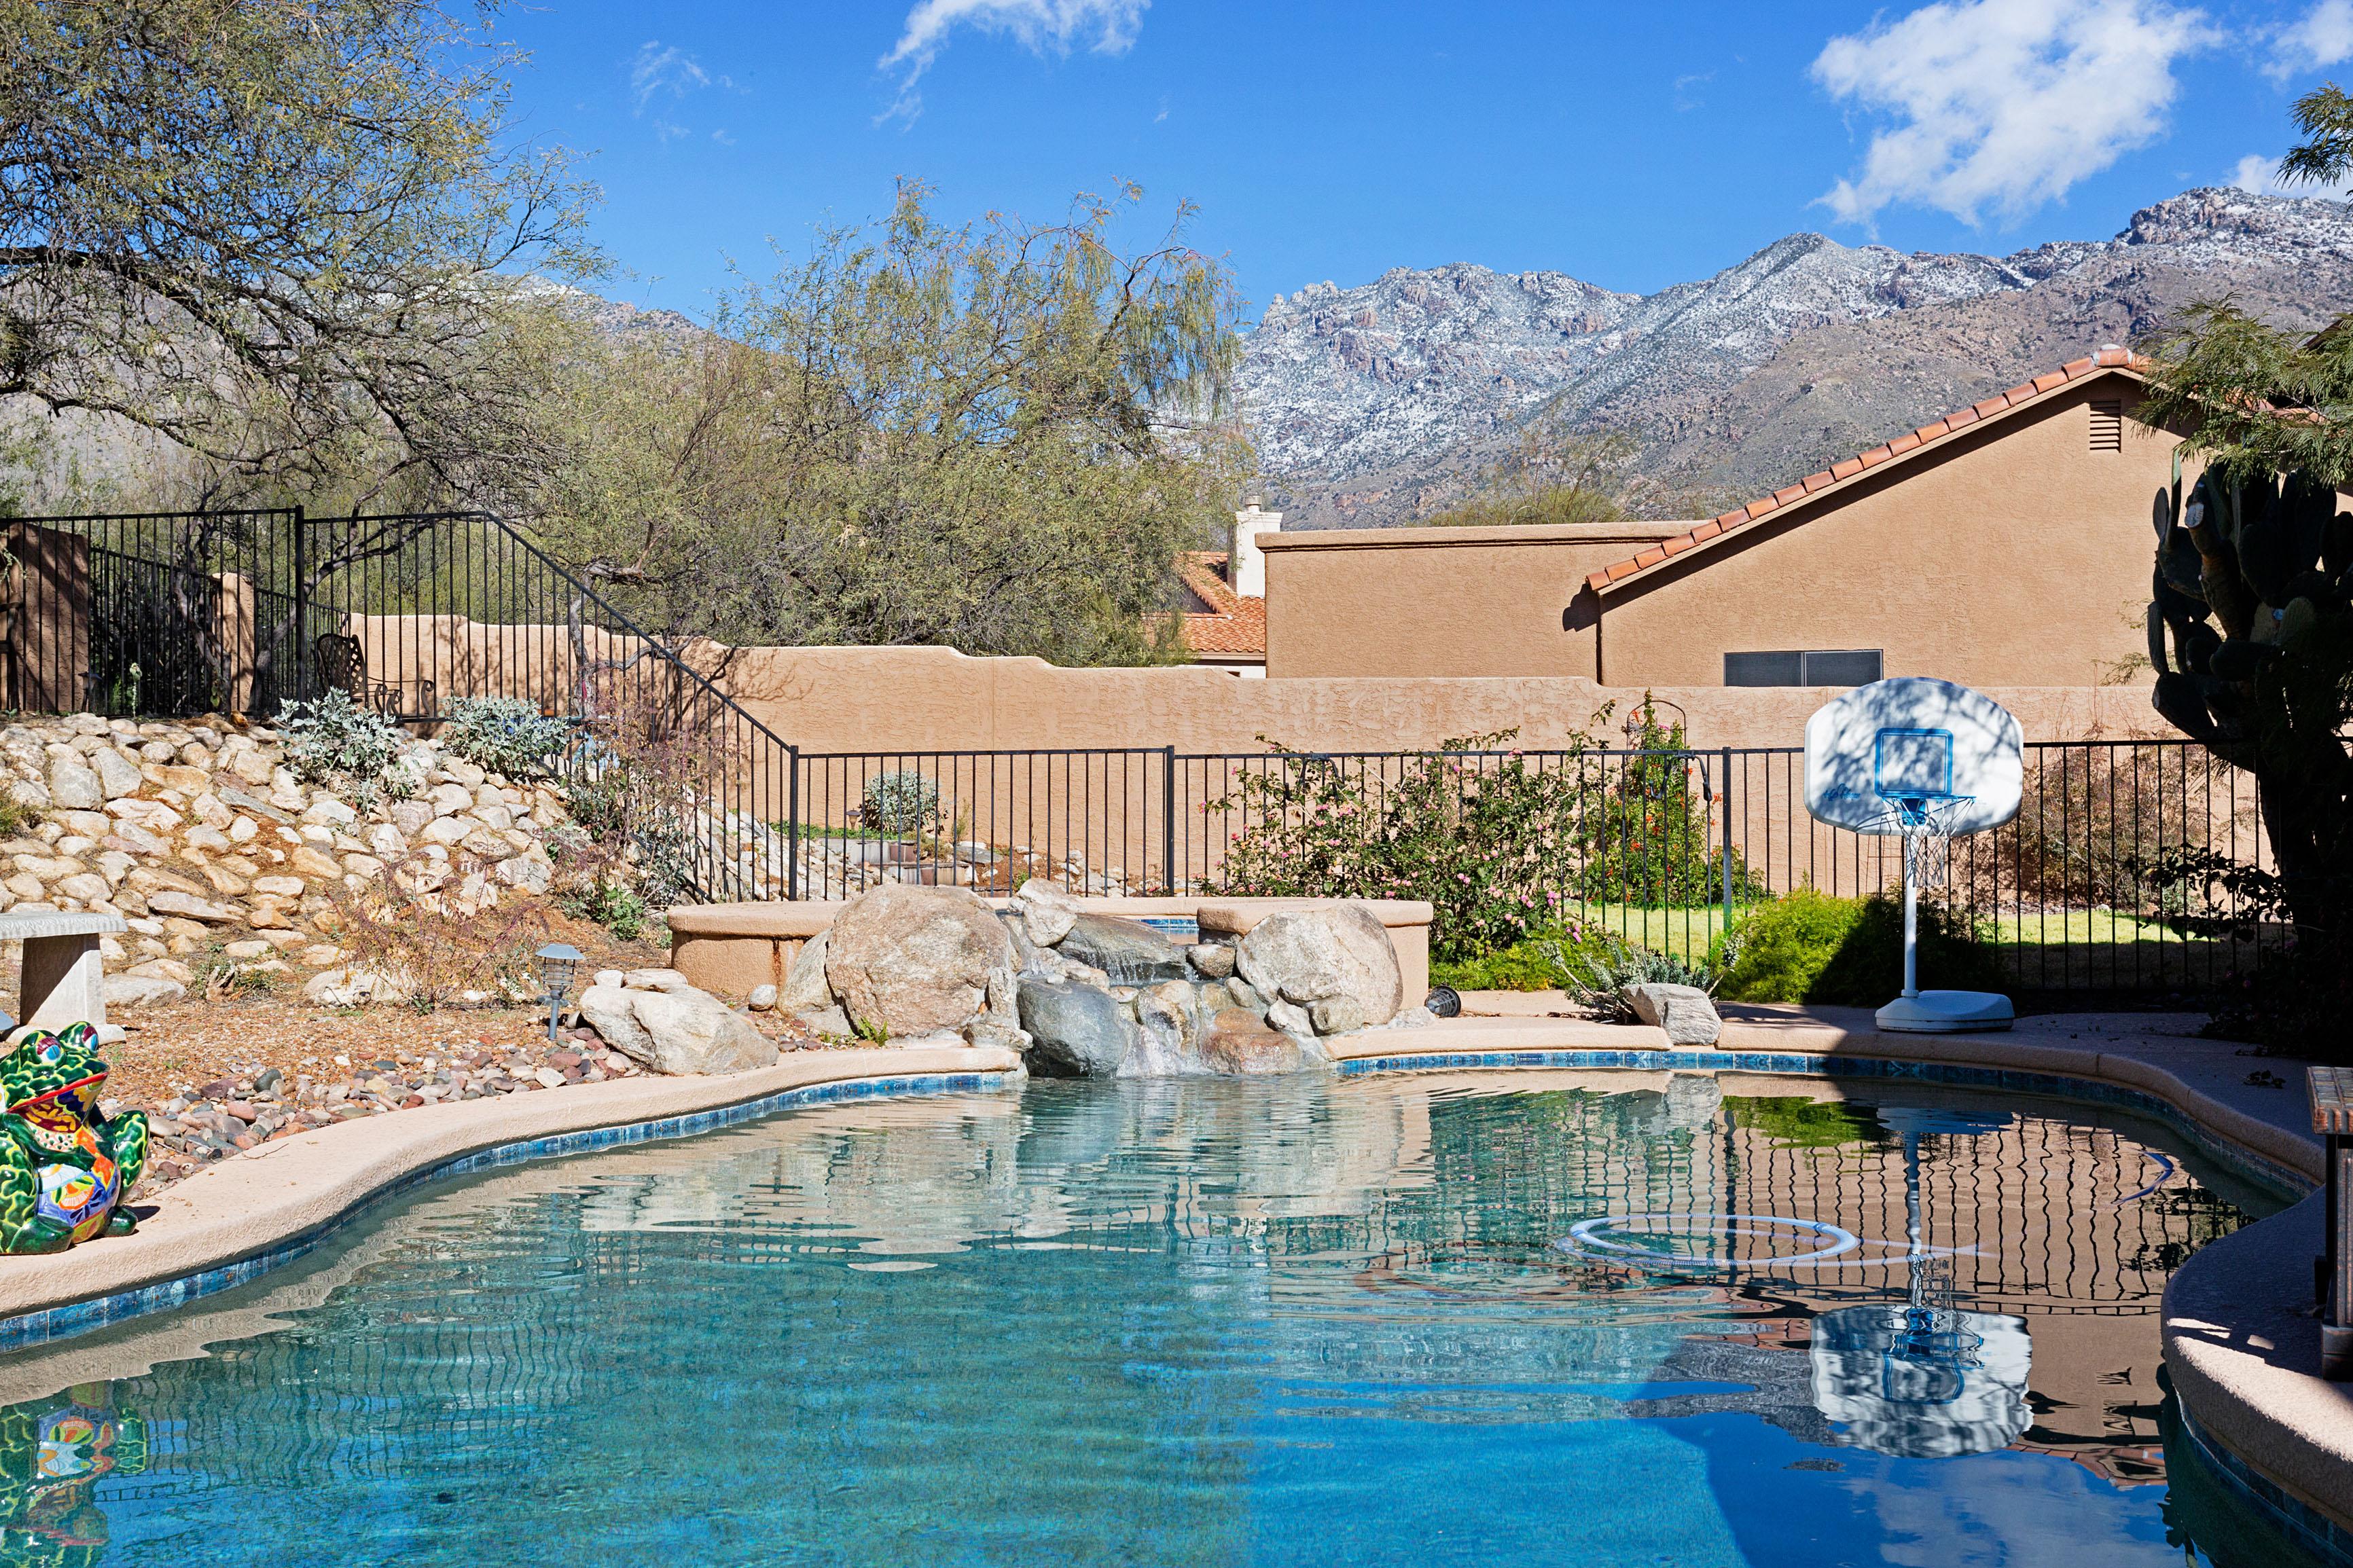 6438 E Calle de Mirar Tucson AZ 85750